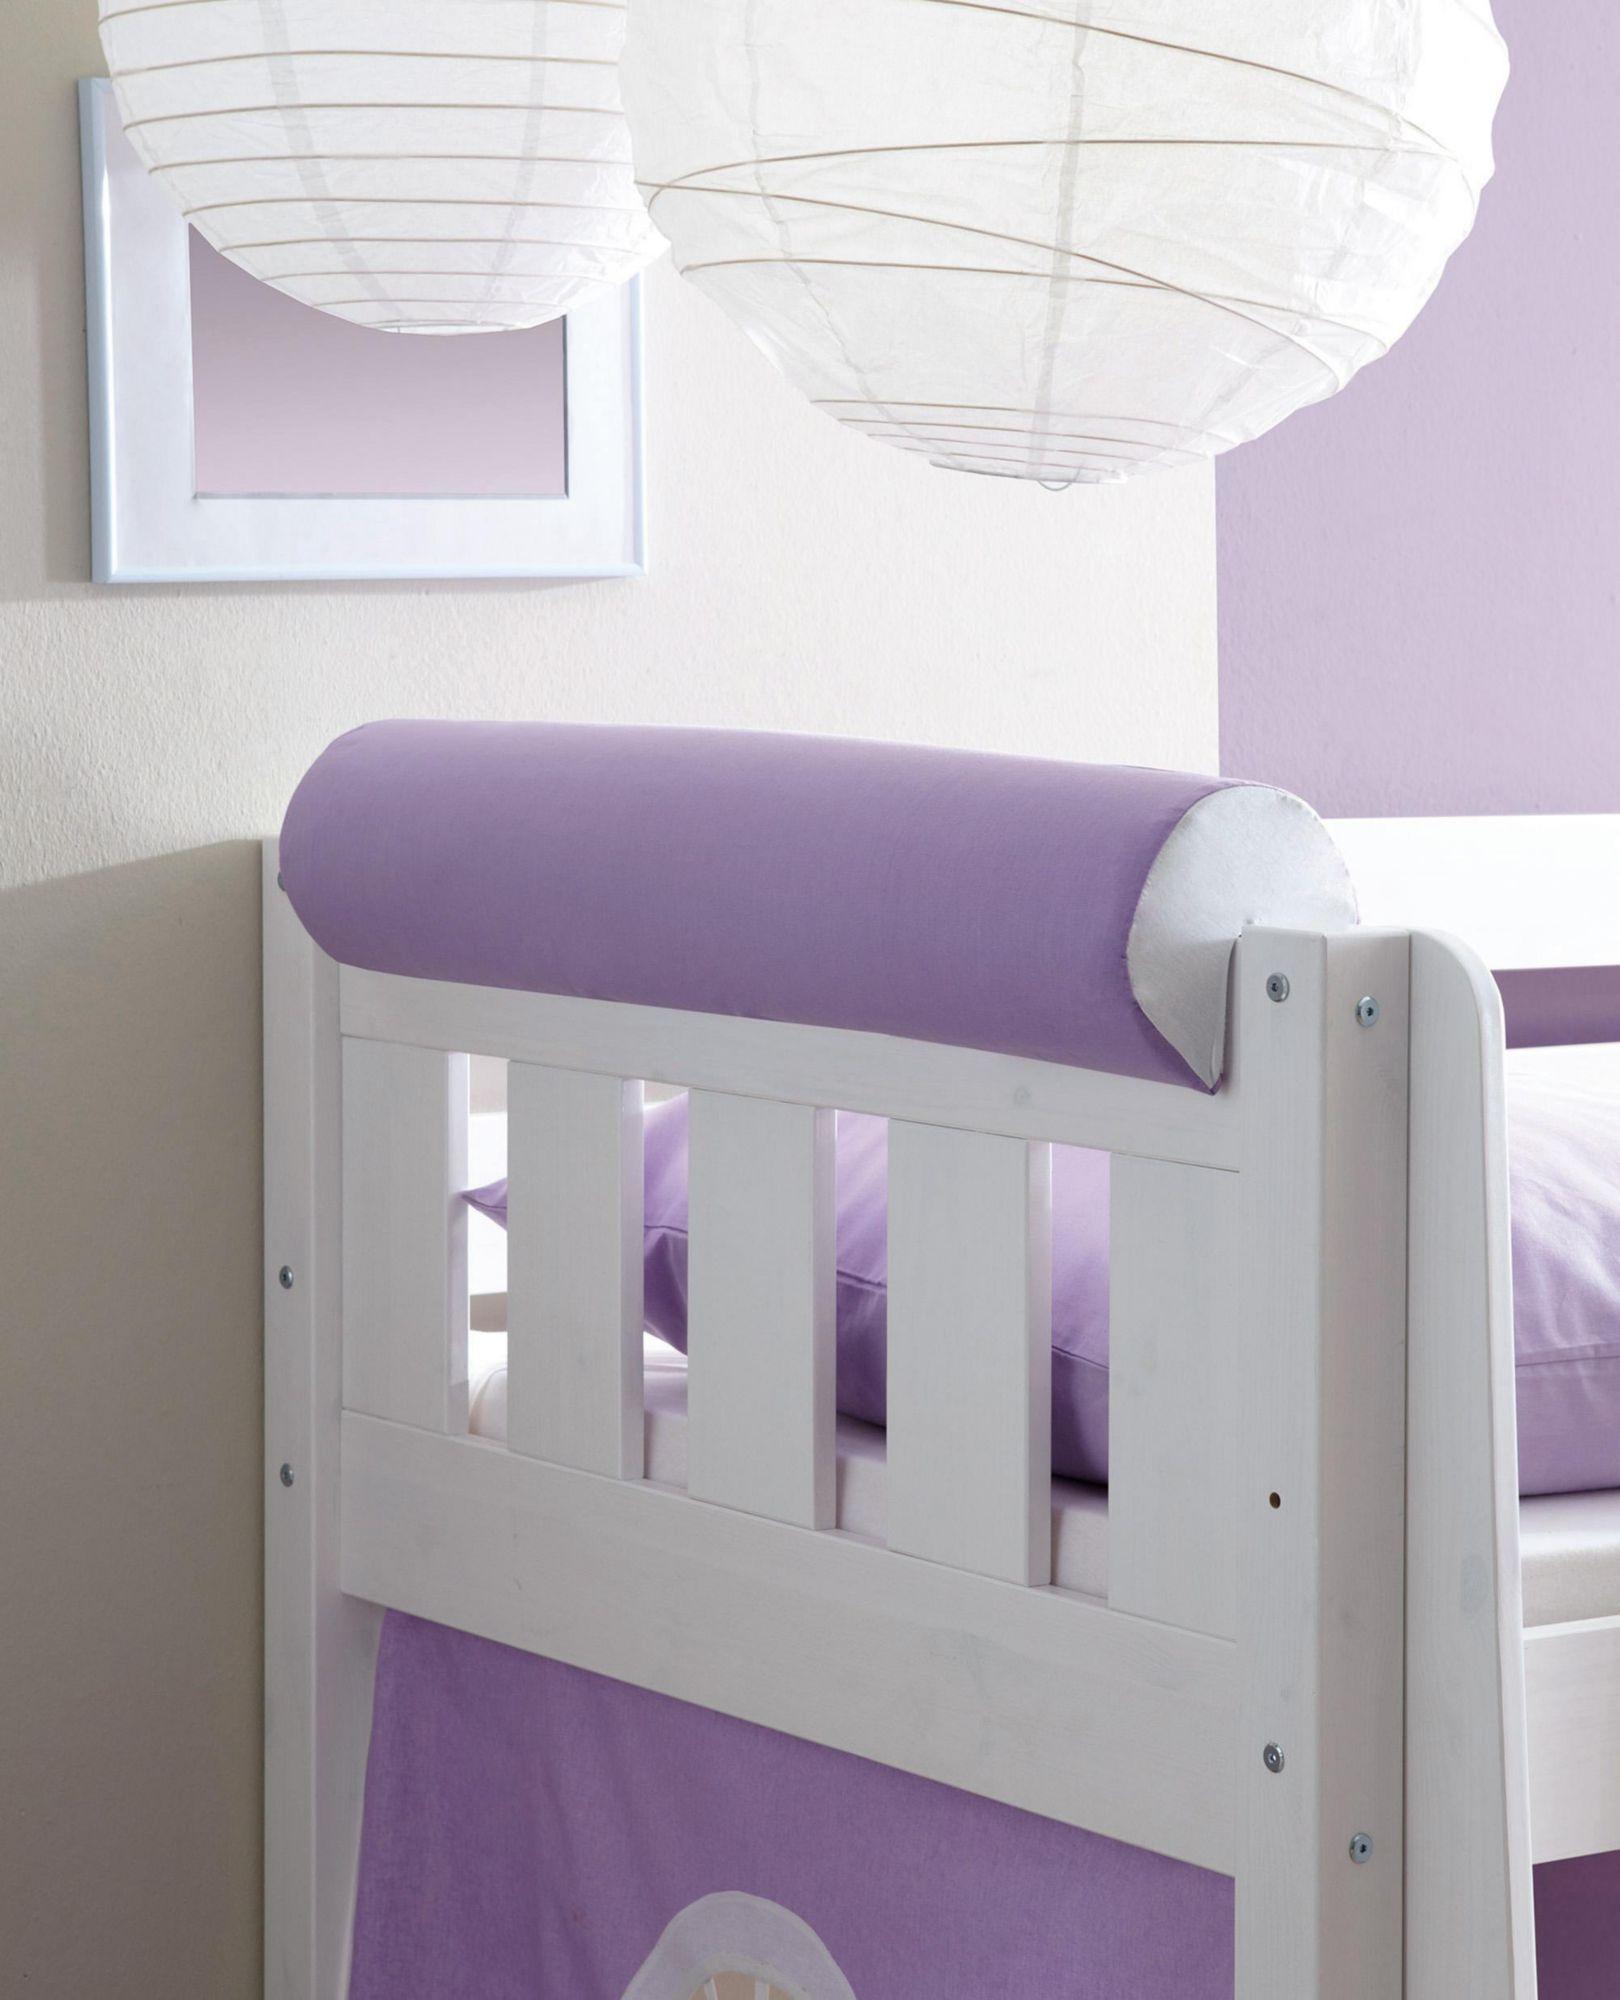 zubeh r f r kinderbetten im schwab online shop m bel. Black Bedroom Furniture Sets. Home Design Ideas